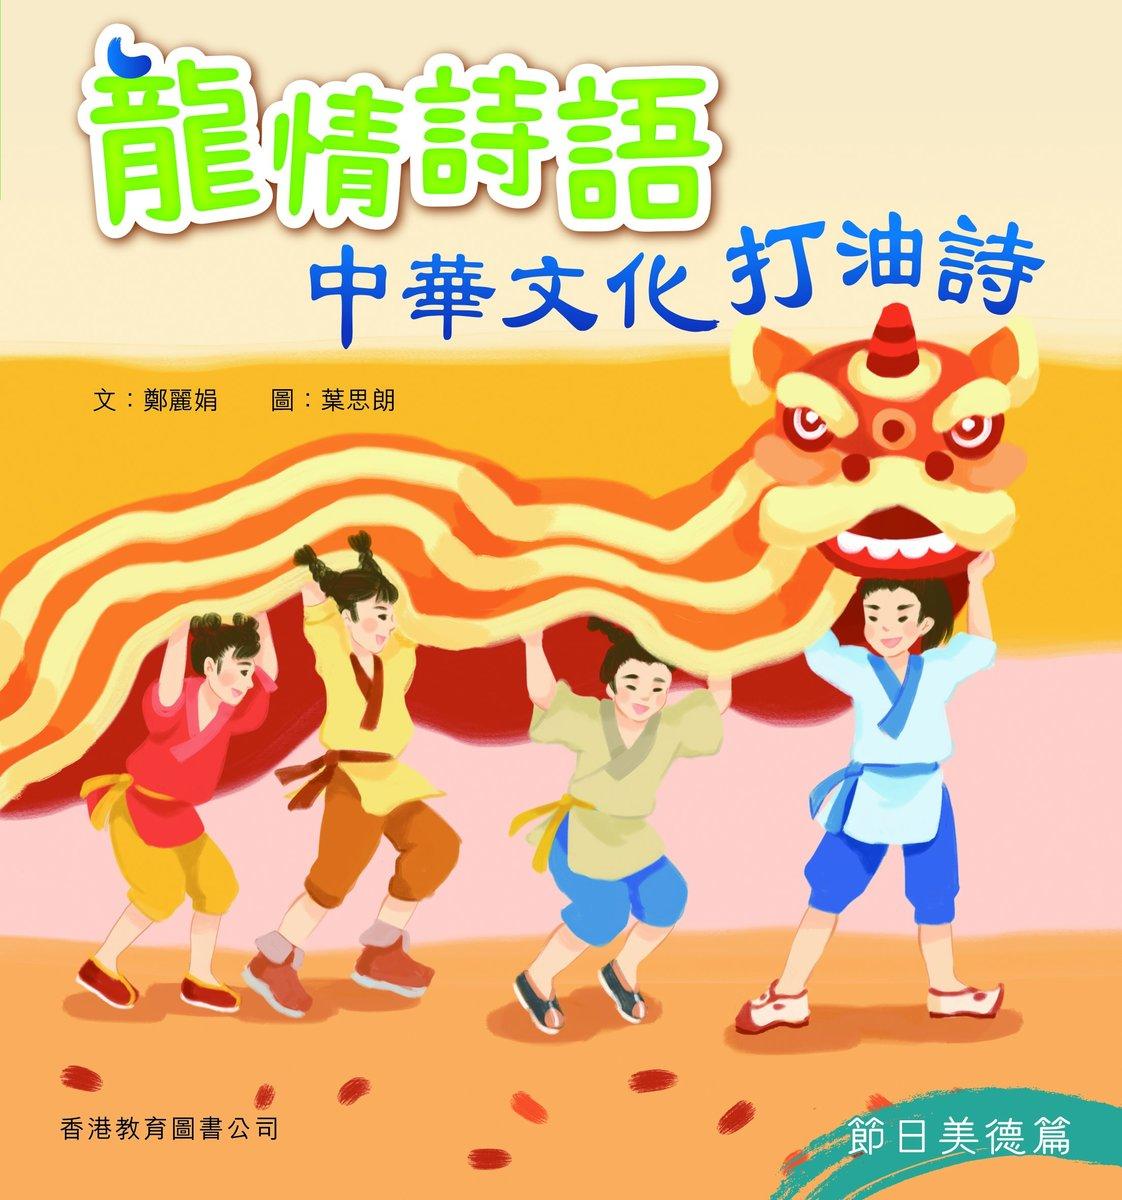 龍情詩語﹕中華文化打油詩  節日美德篇